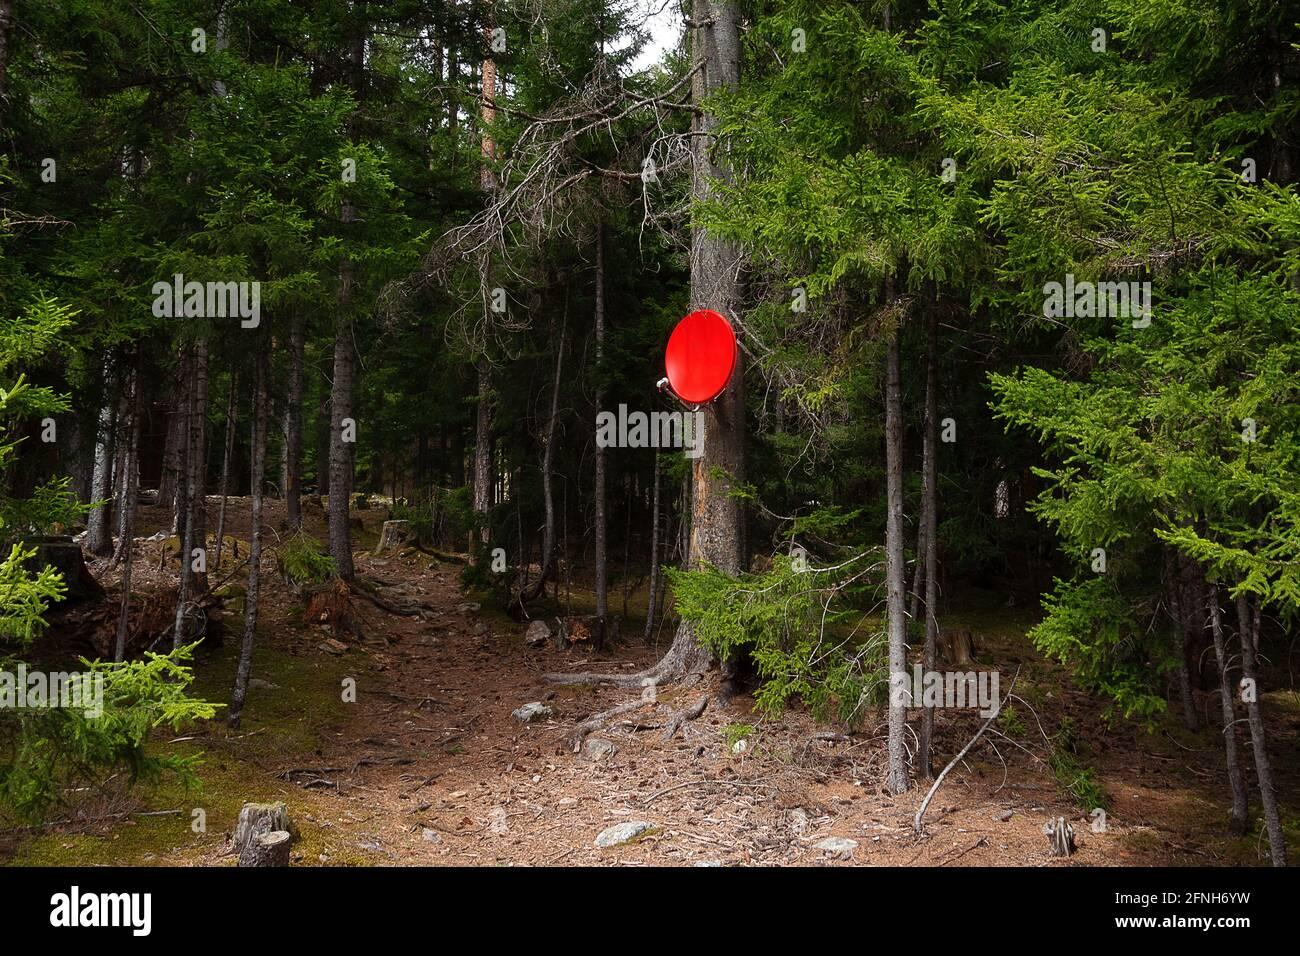 accueil satellite plat rouge installé sur un arbre de conifères dans la forêt Banque D'Images